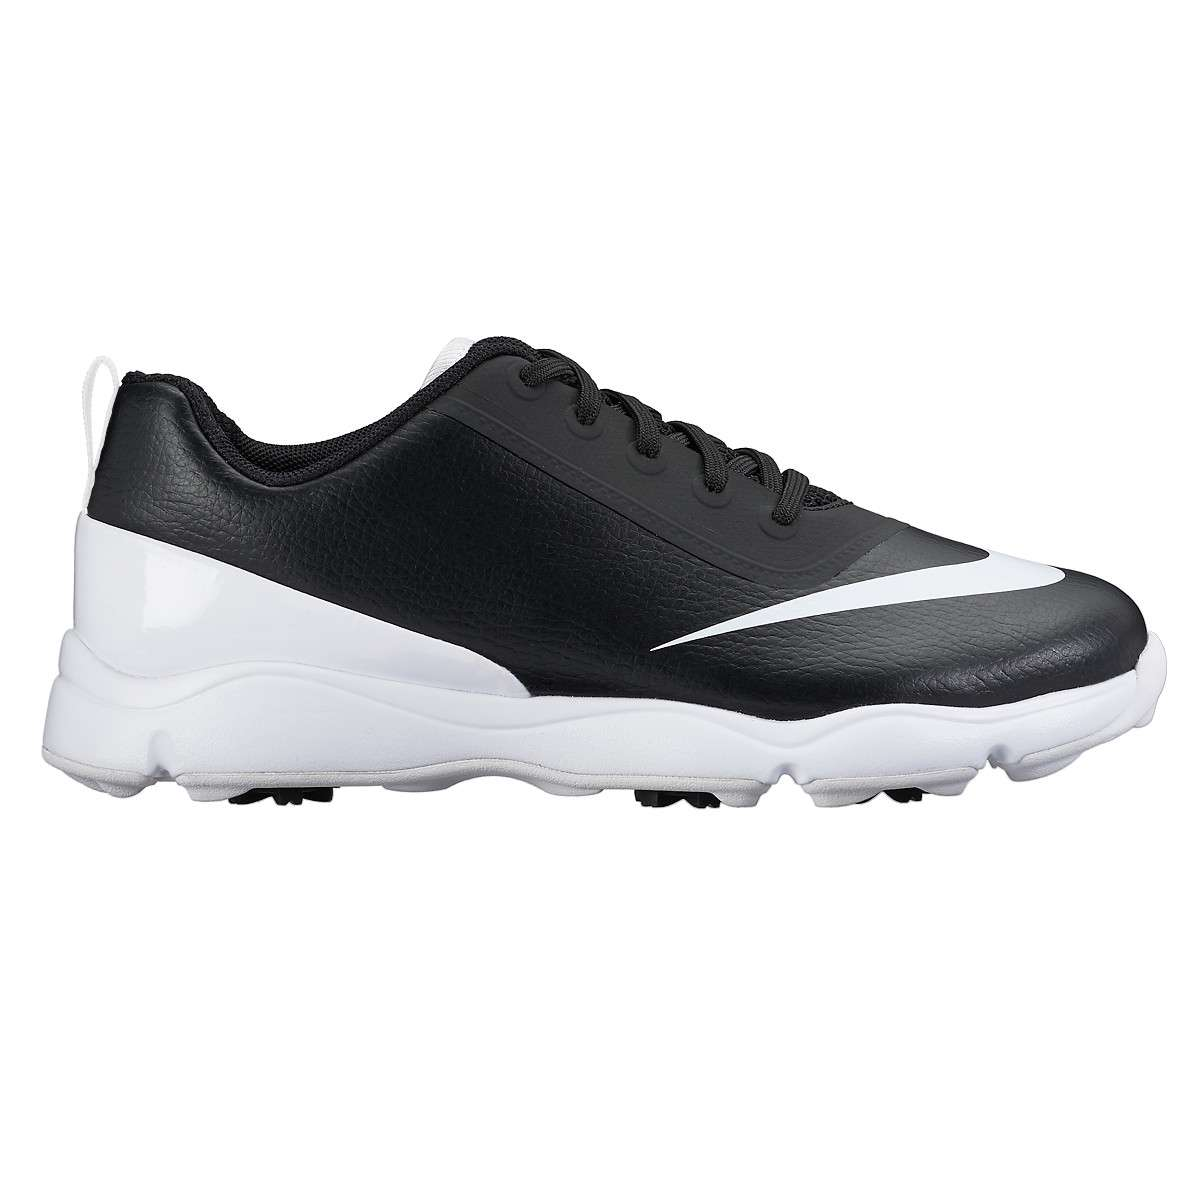 Nike Control Junior Kinder Golfschuhe, Schwarz / Weiß günstig kaufen    Golflädchen